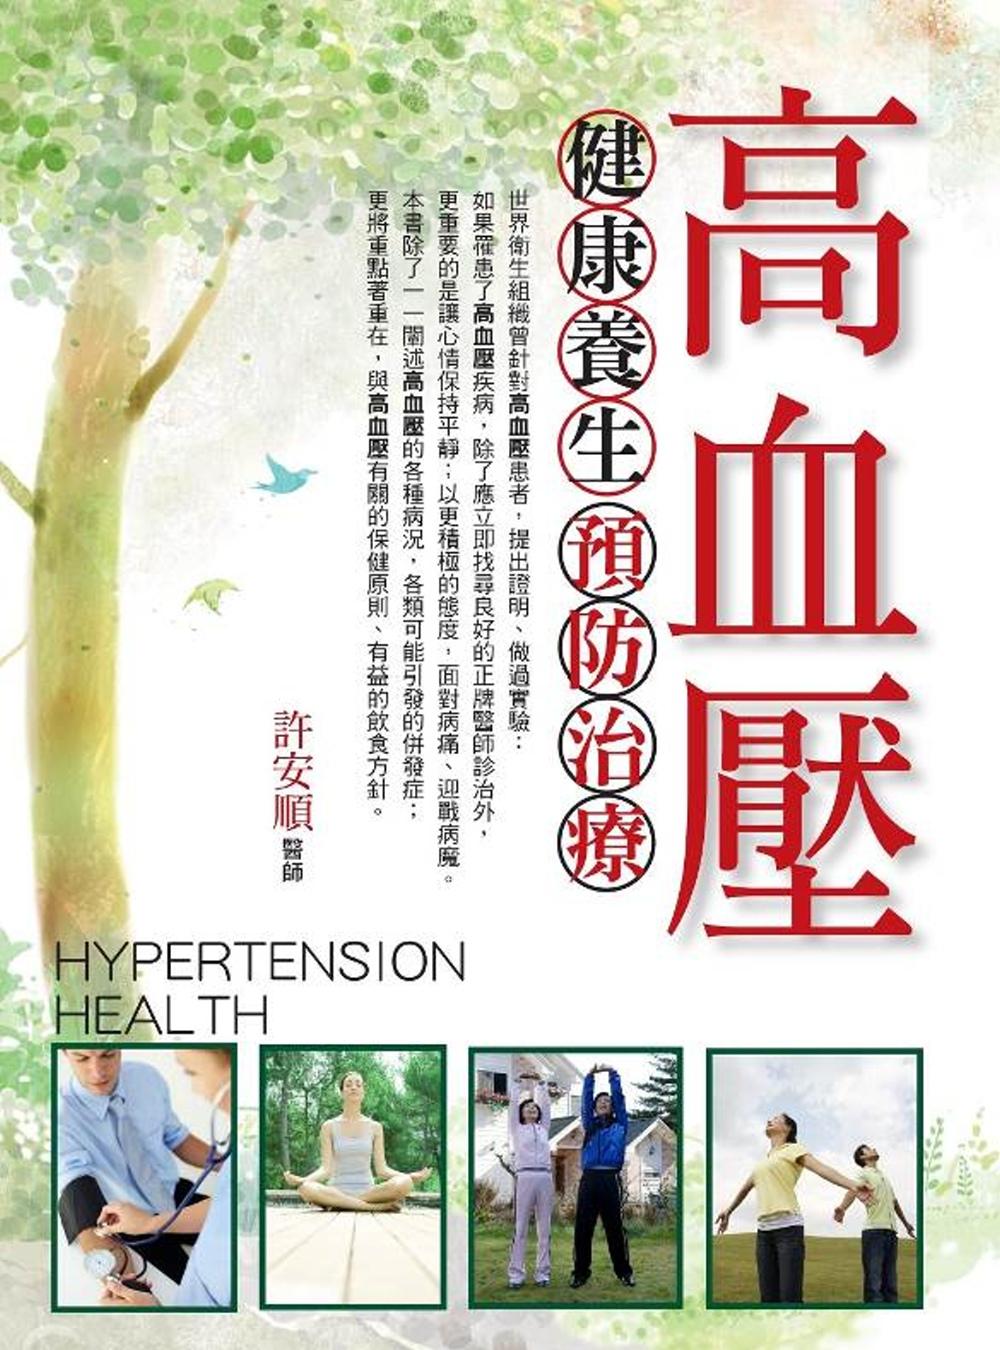 ^(圖文版^)高血壓健康養生預防治療